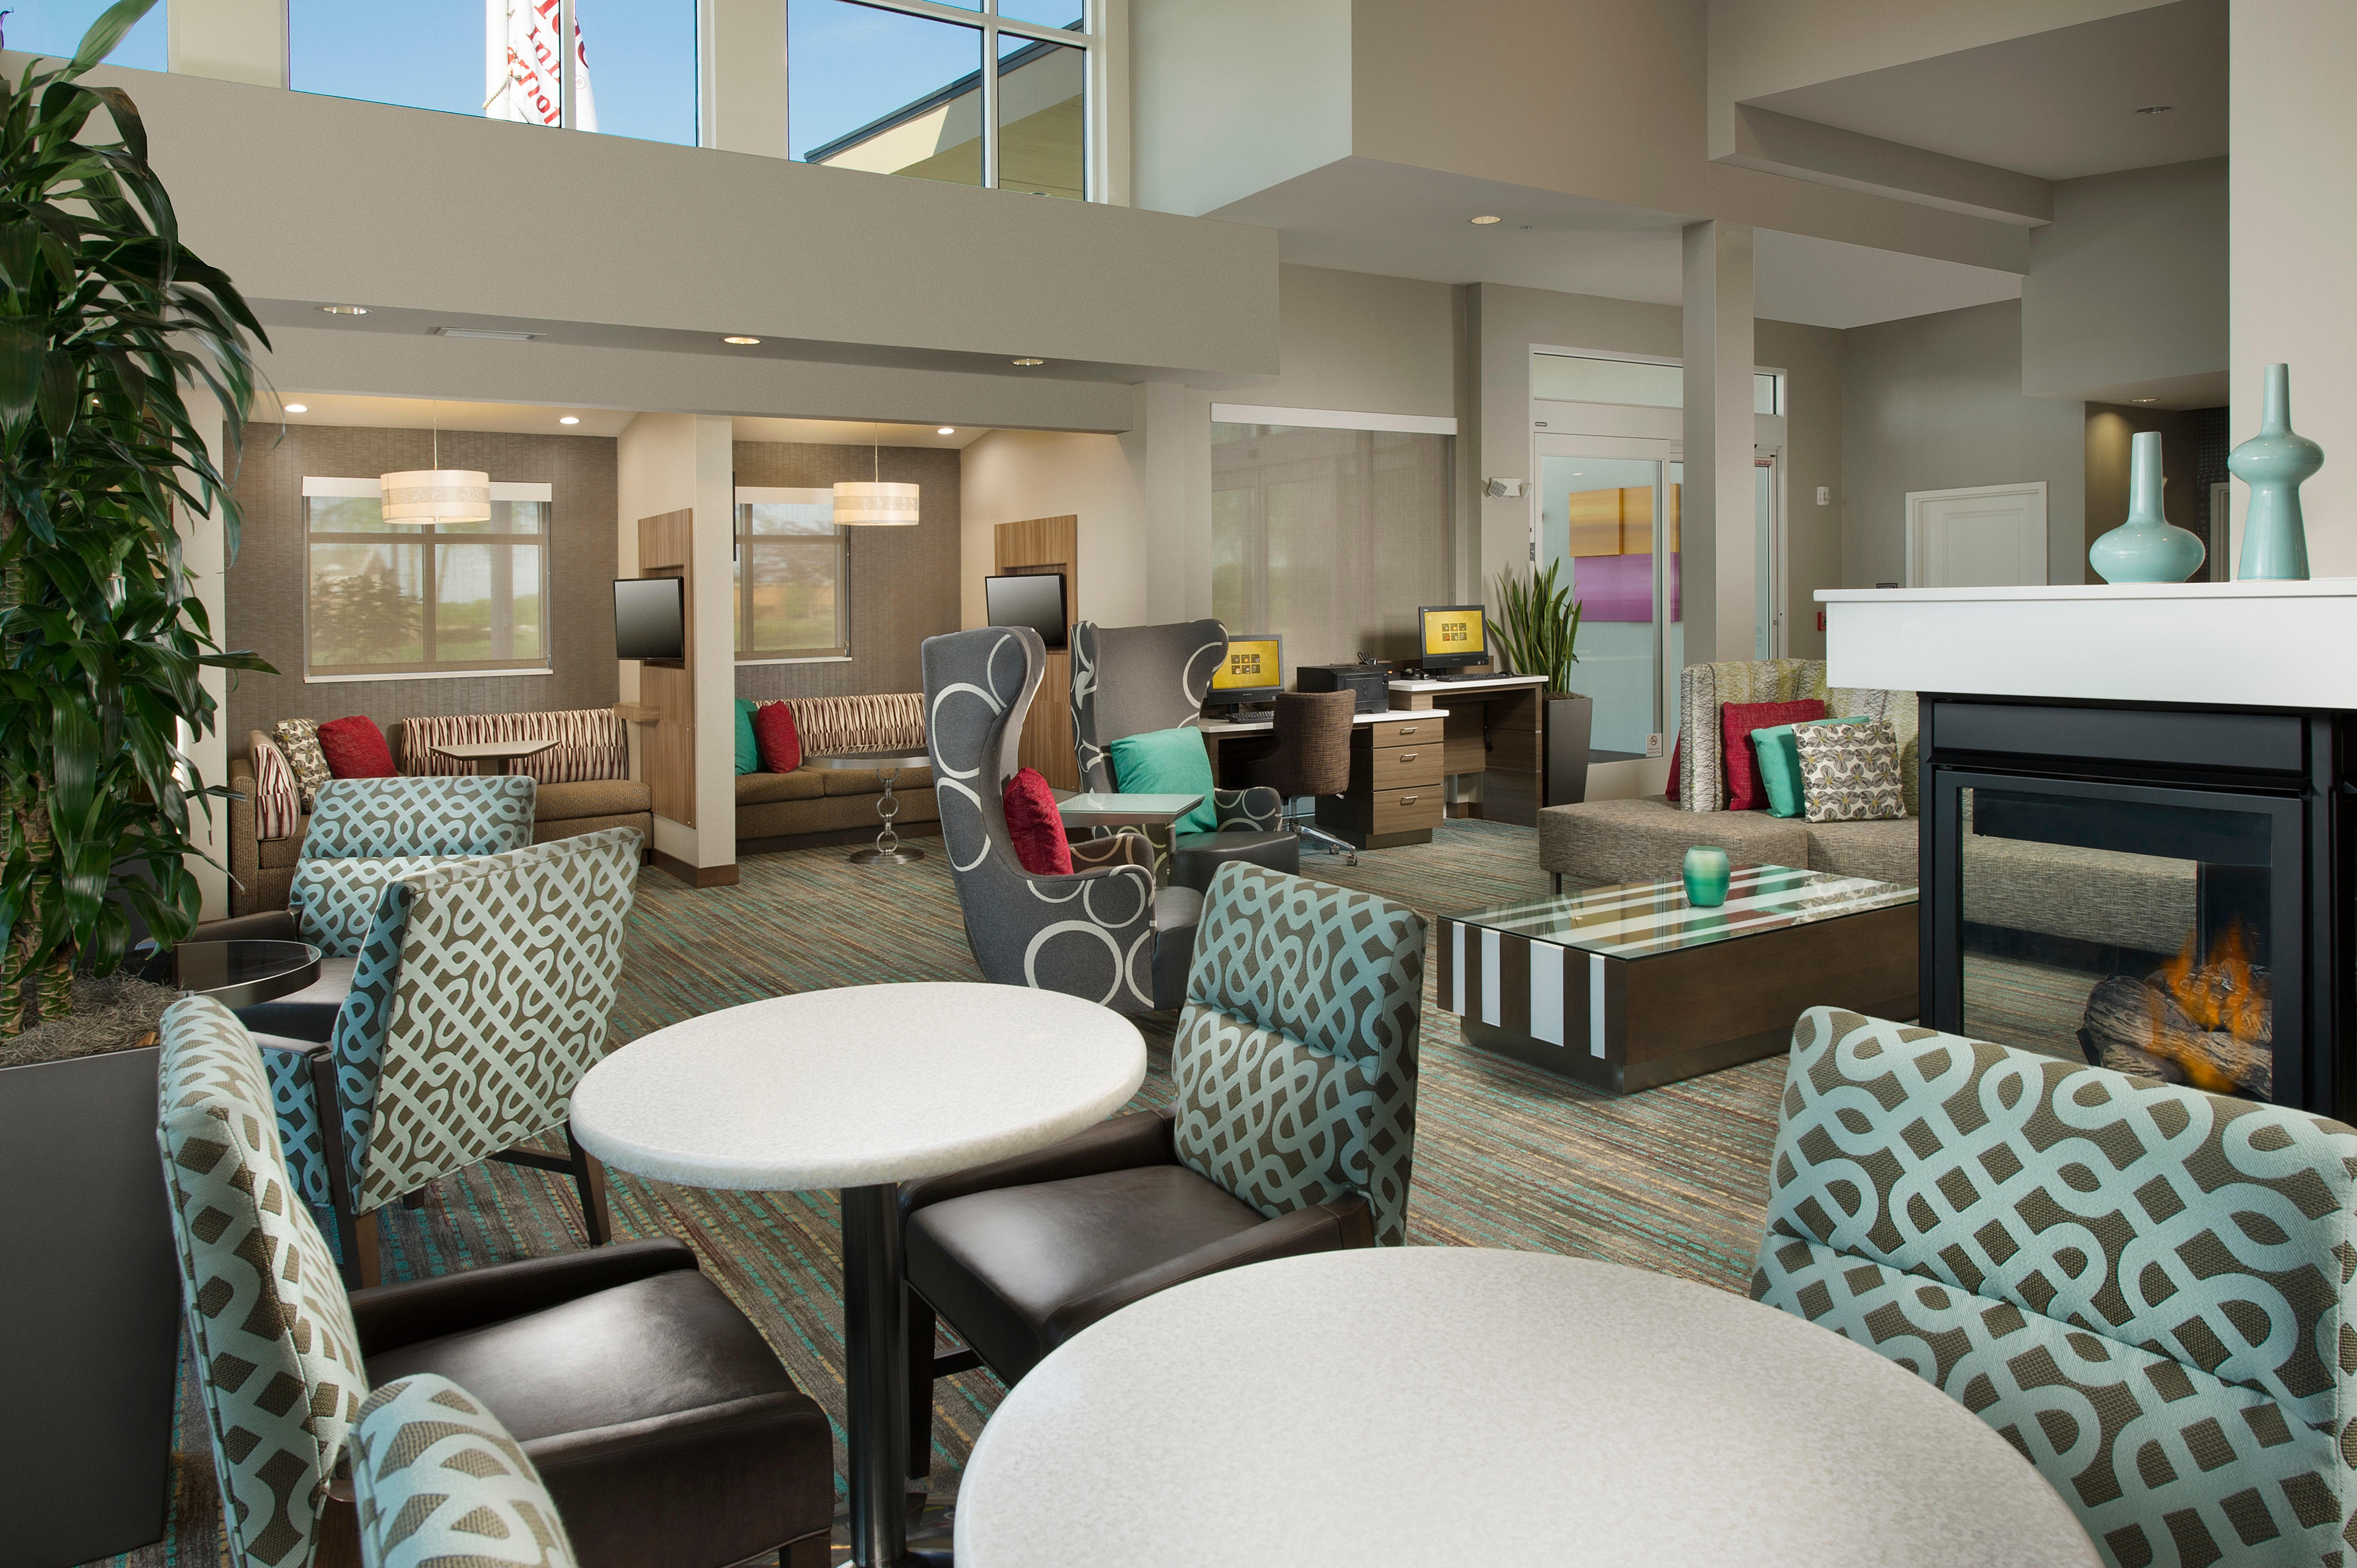 Residence Inn by Marriott Nashville SE/Murfreesboro image 5